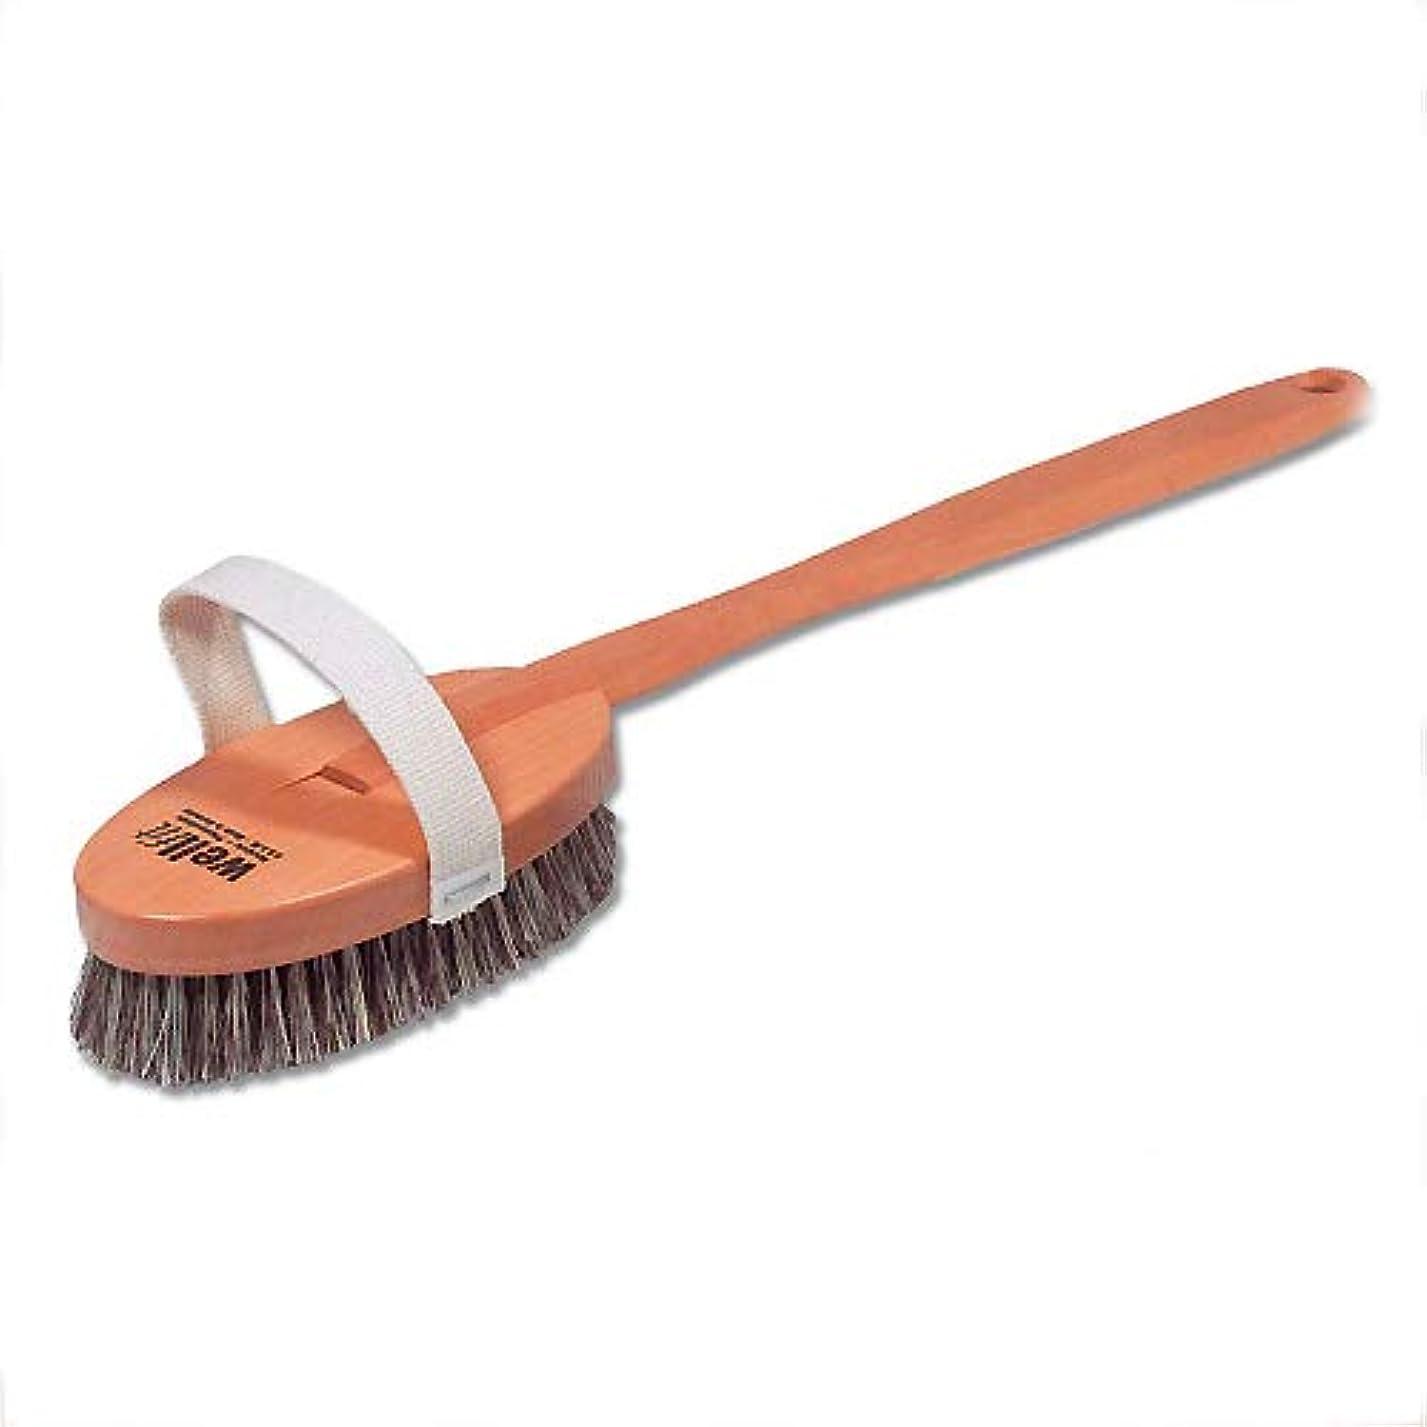 割るアミューズ障害者Redecker レデッカー ボディブラシ(ミディアムハード 馬毛と植物毛の混毛植毛) 正規品